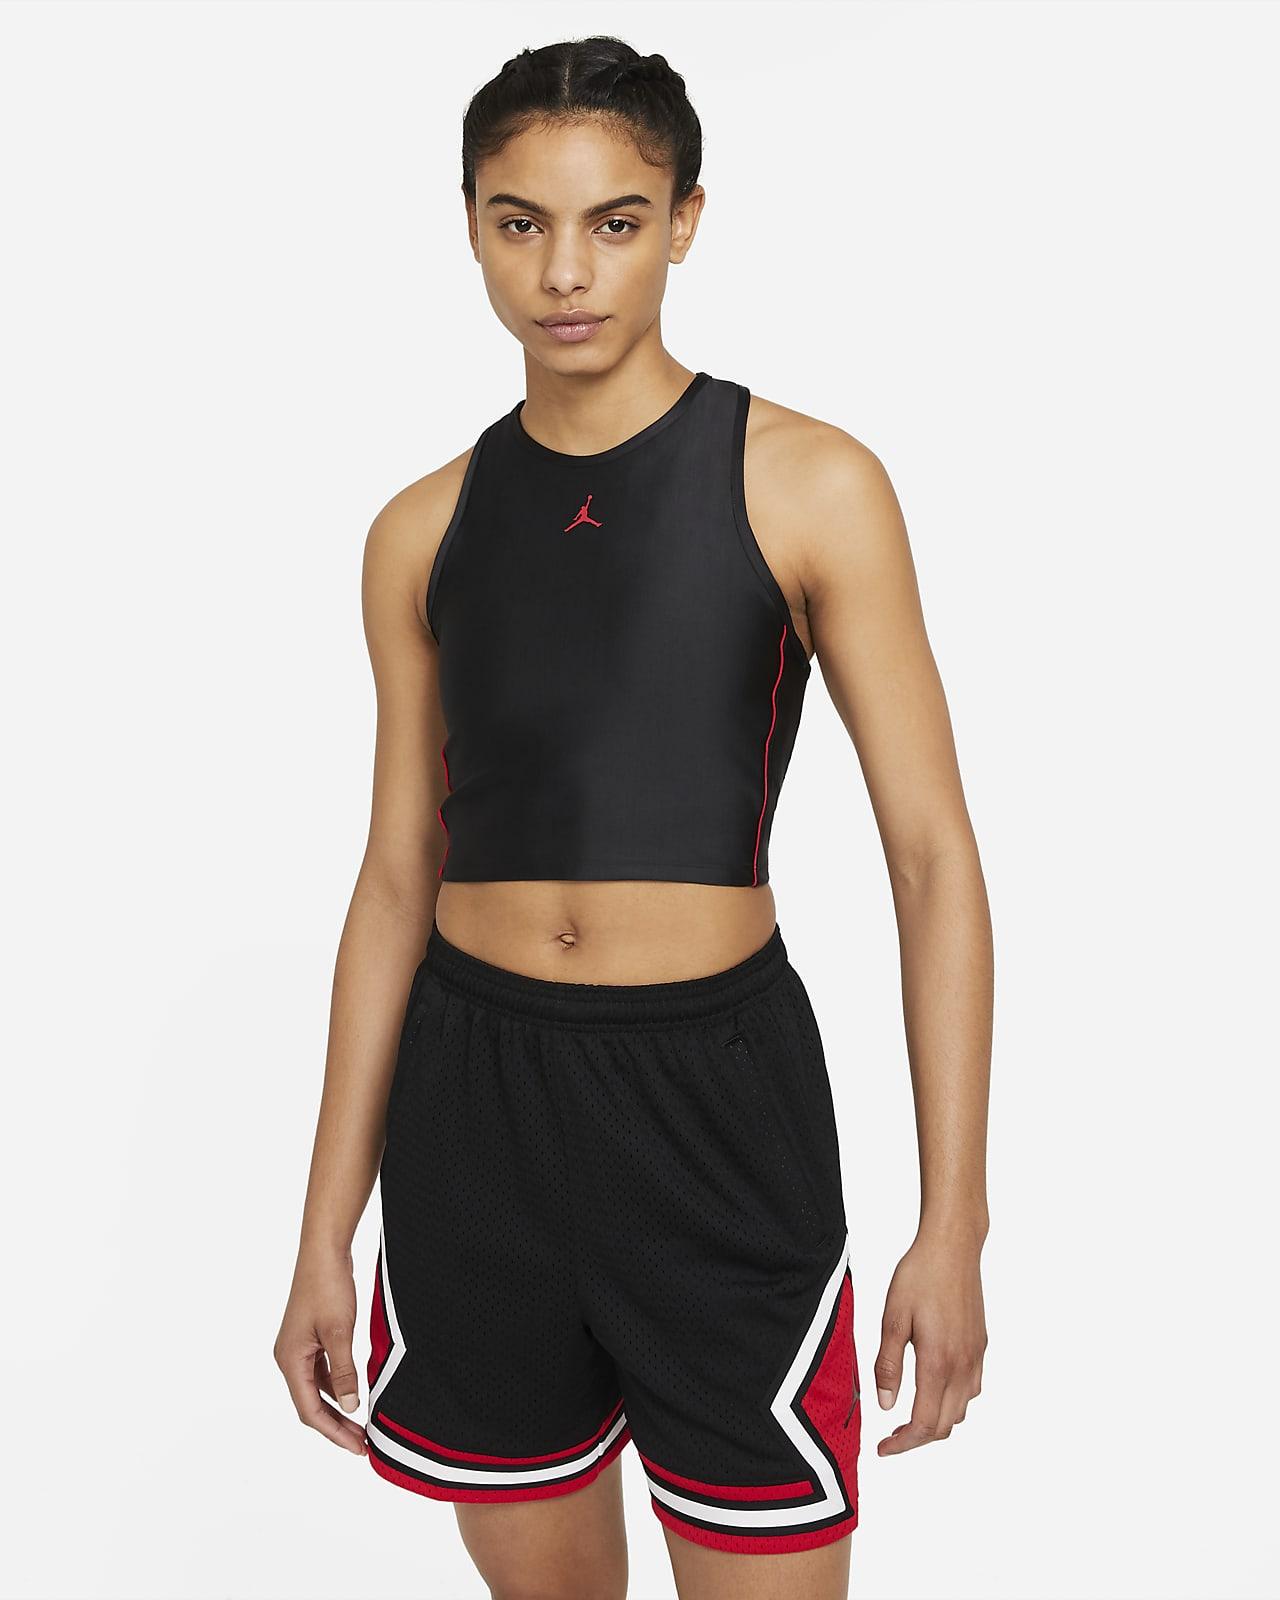 Jordan Essentials Women's Crop Top